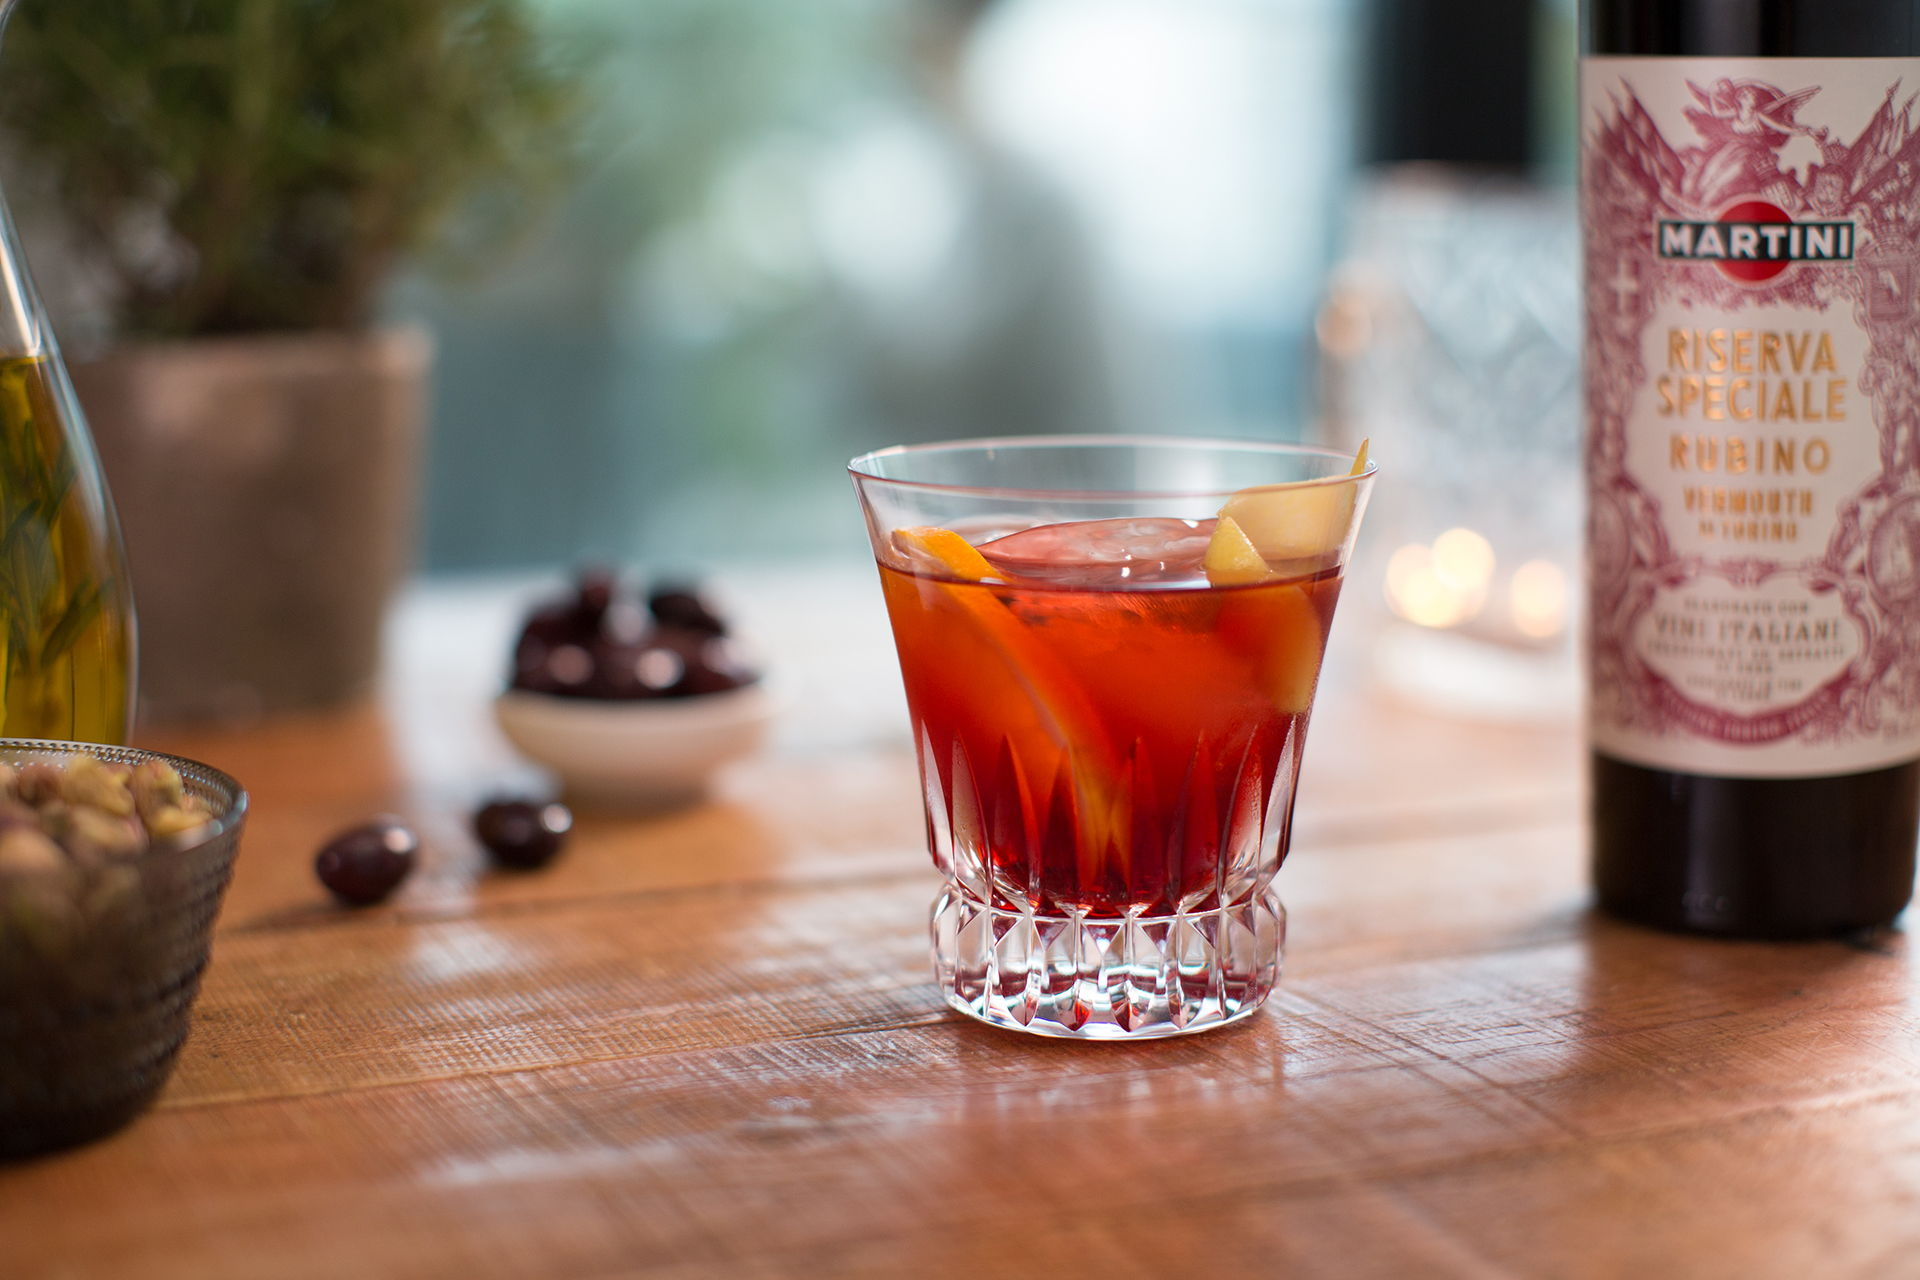 Martini-Rubino-Negroni-Before